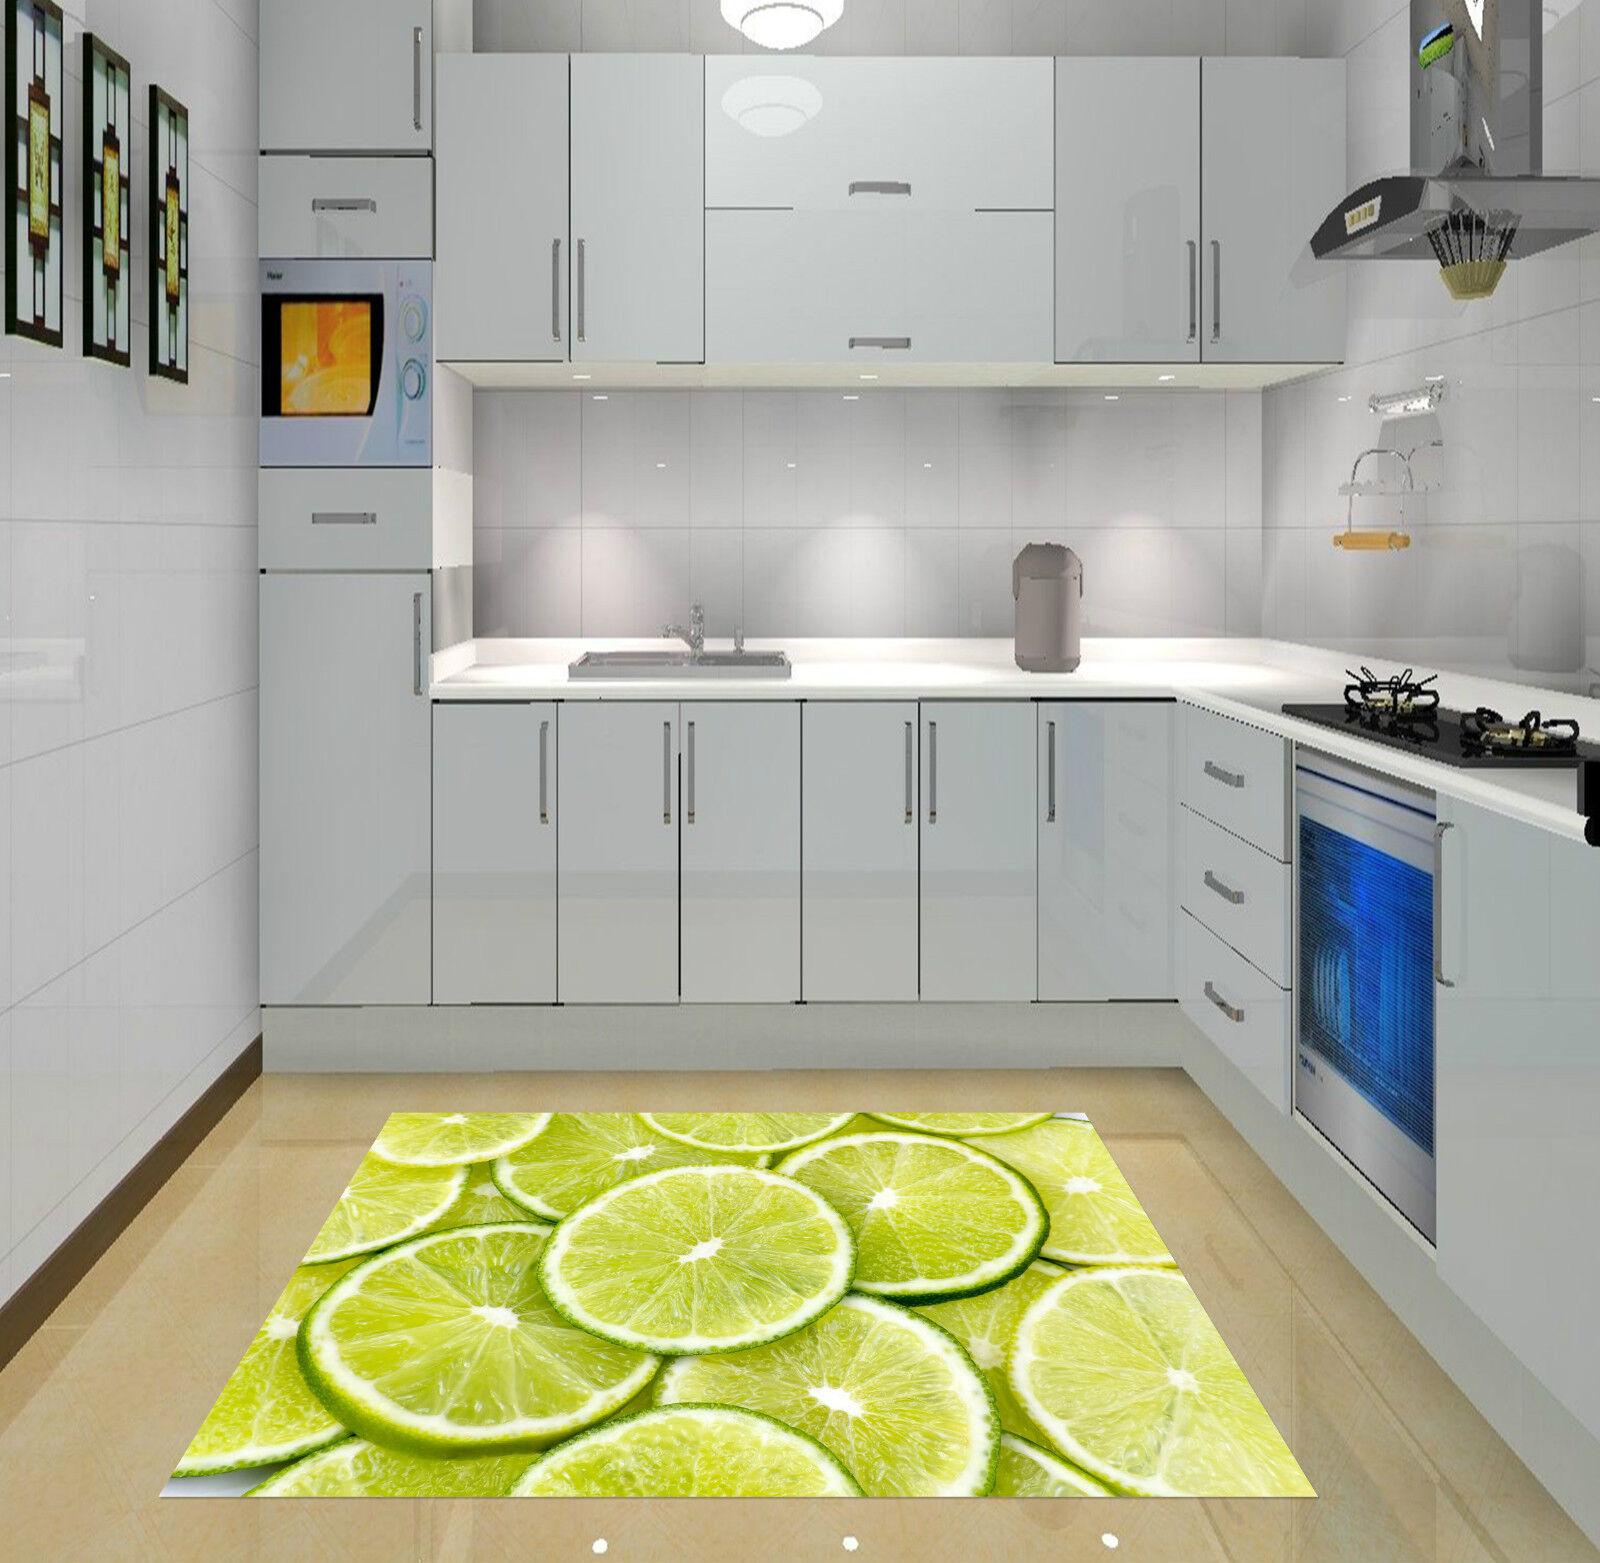 3D Tranches D'Orange 057 Décor Mural Murale Cuisine De Mur De Cuisine Murale AJ WALLPAPER FR 366f97